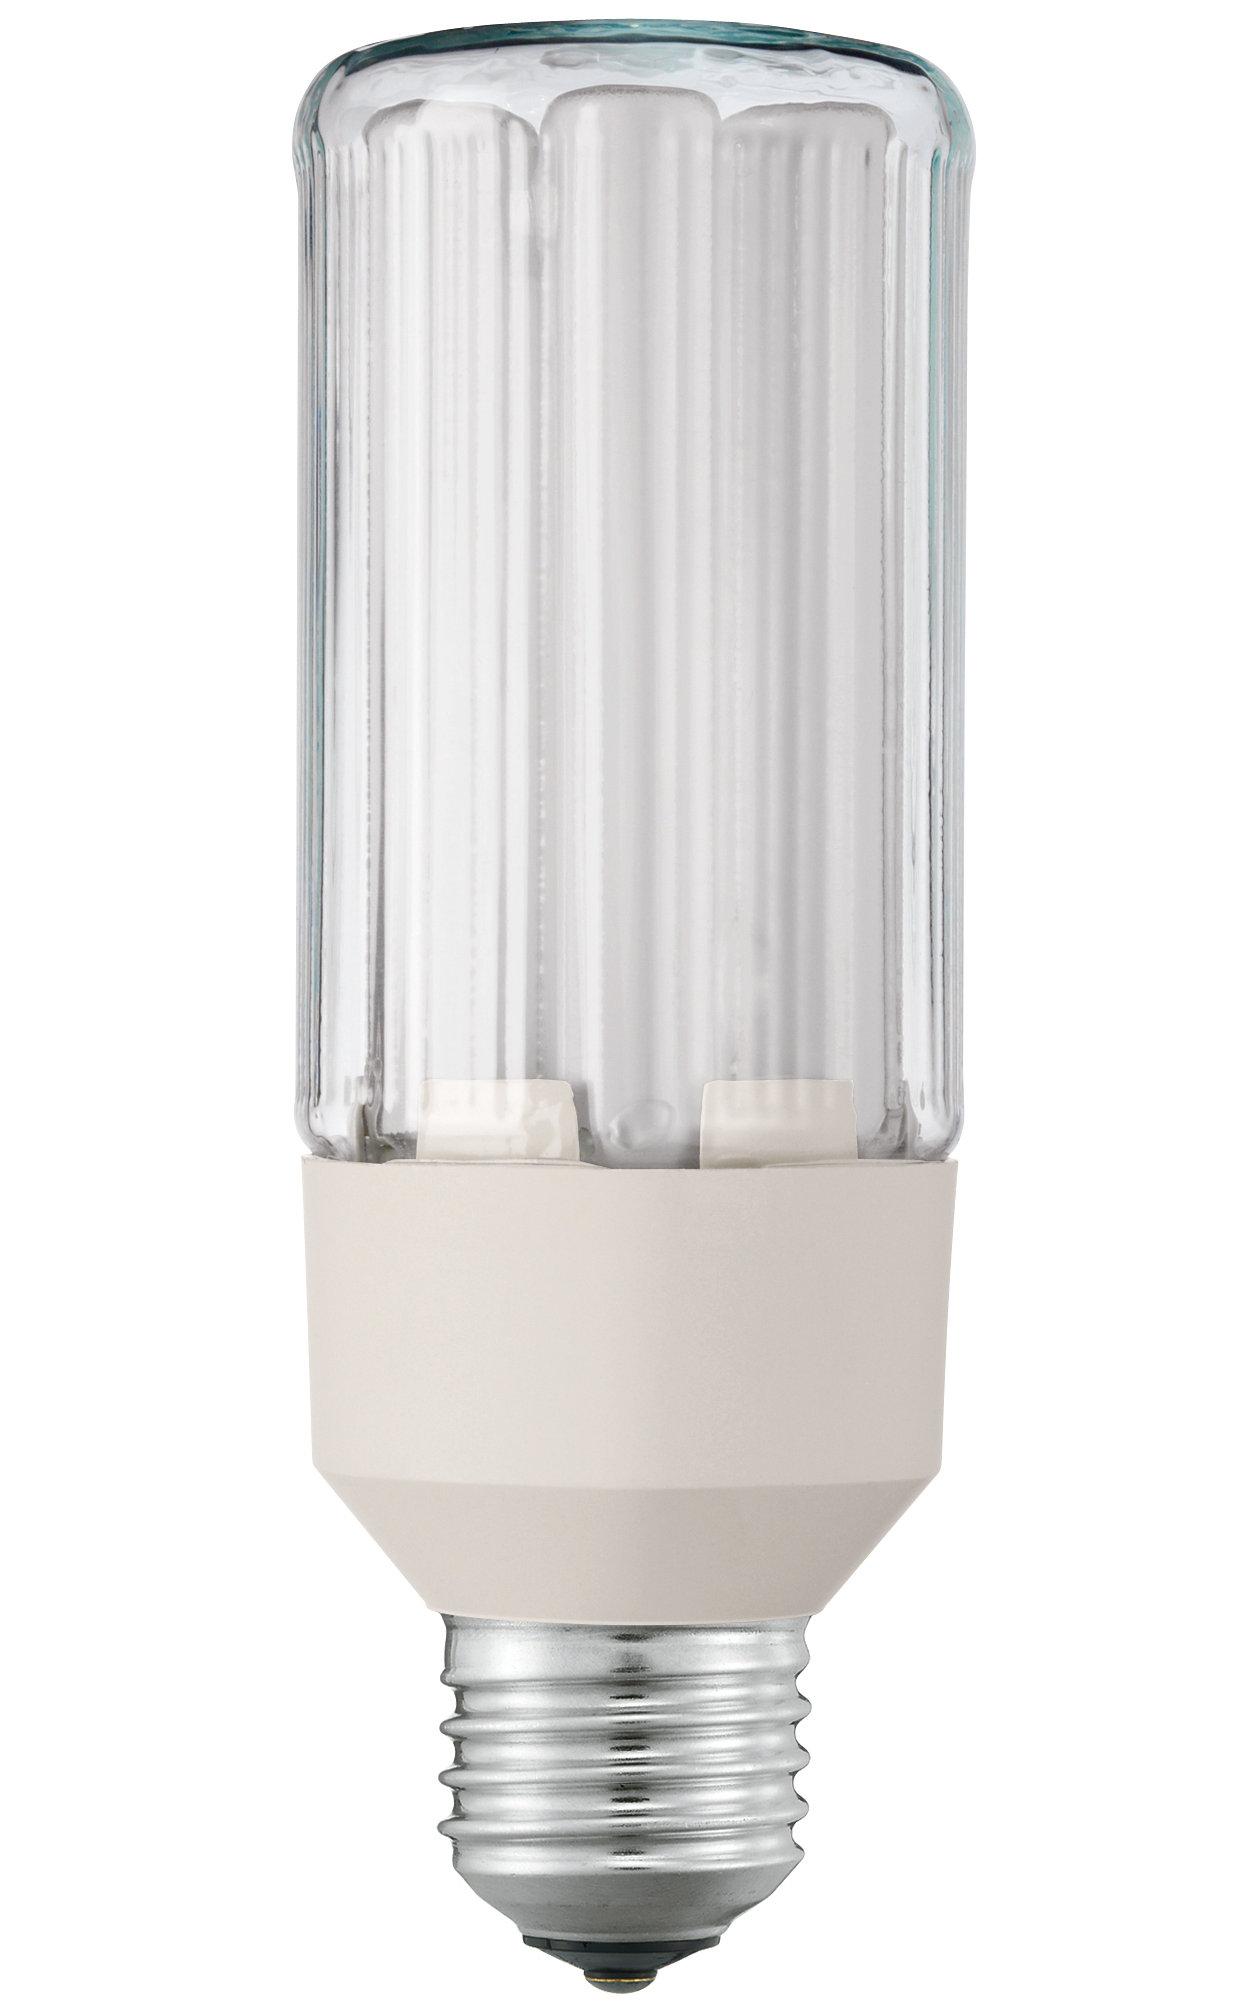 Produit Philips Label vert le plus respectueux de l'environnement dans la gamme des lampes basse consommation